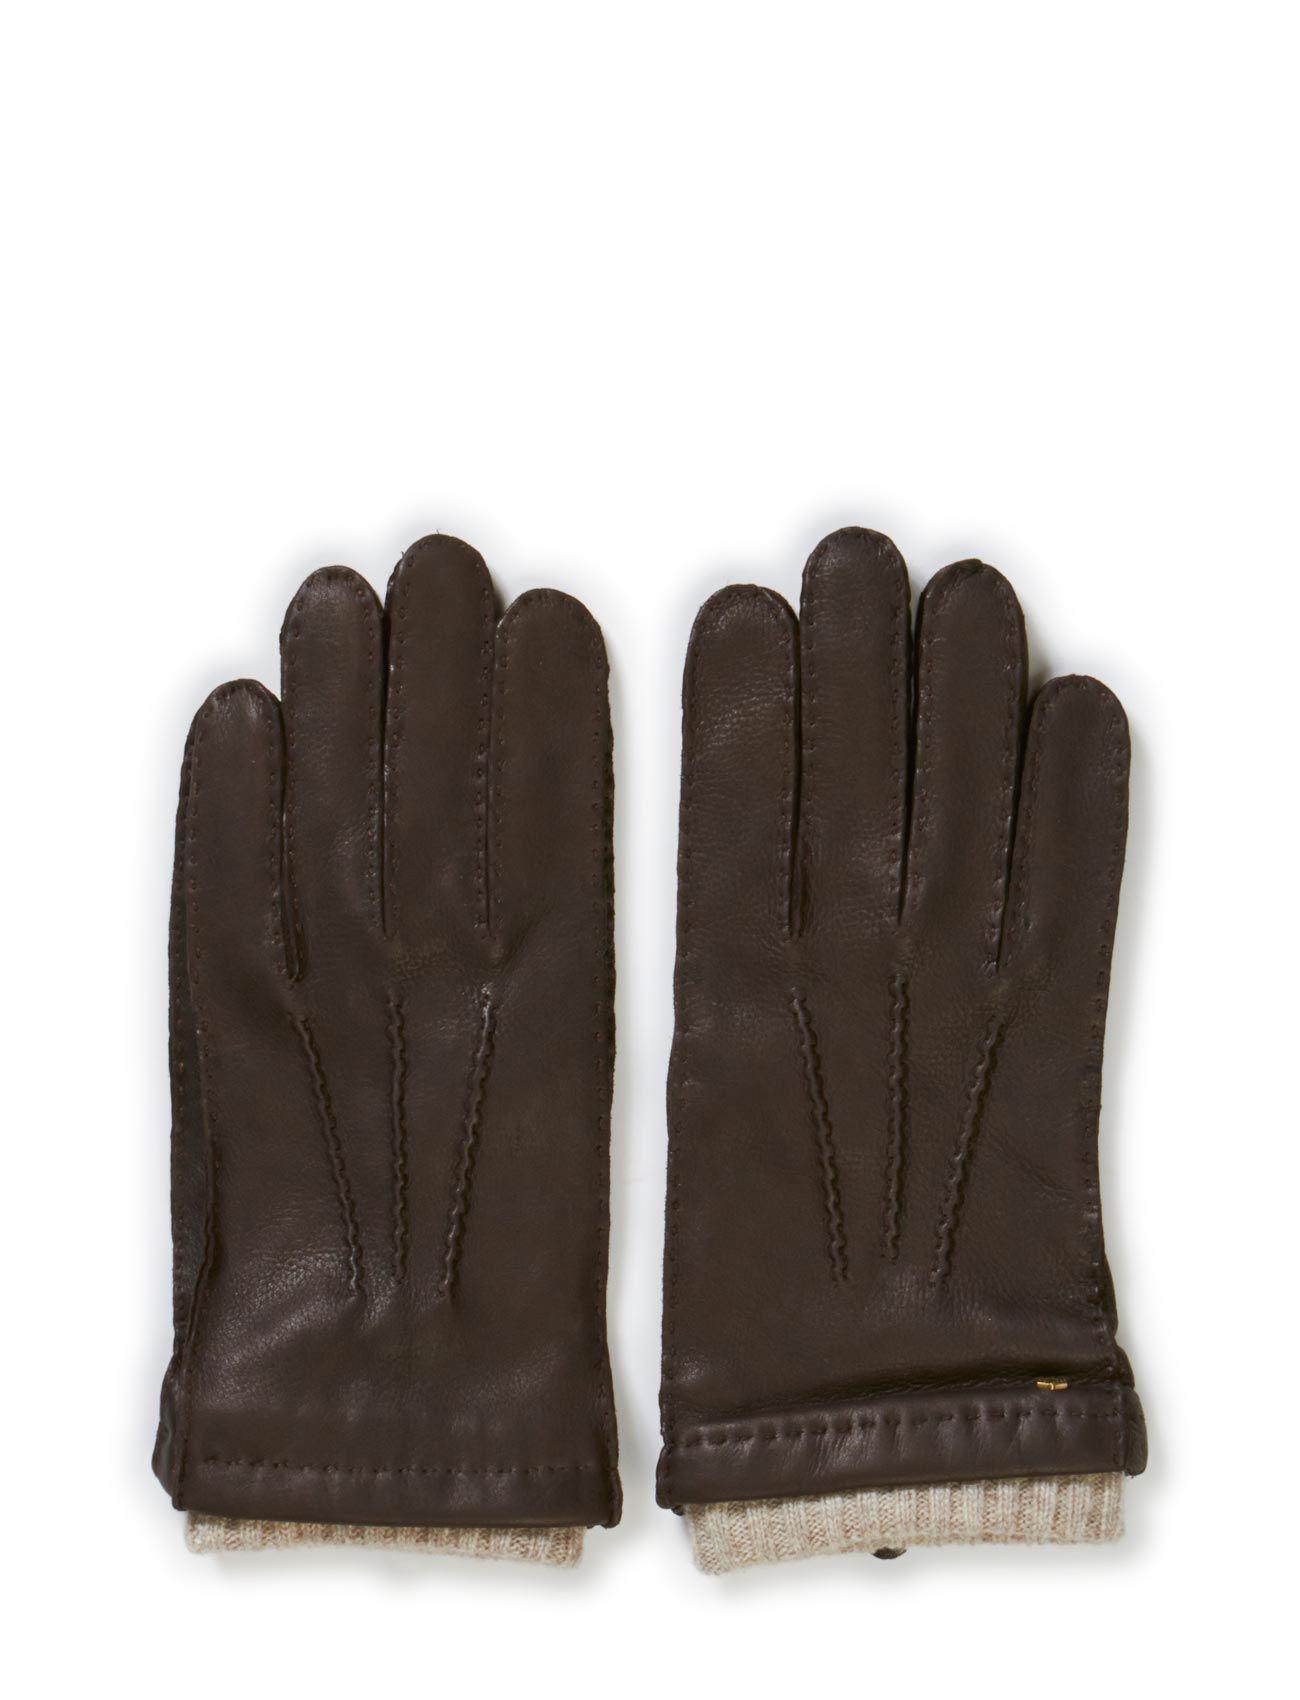 Image of Mjm Glove Jack (3100348655)